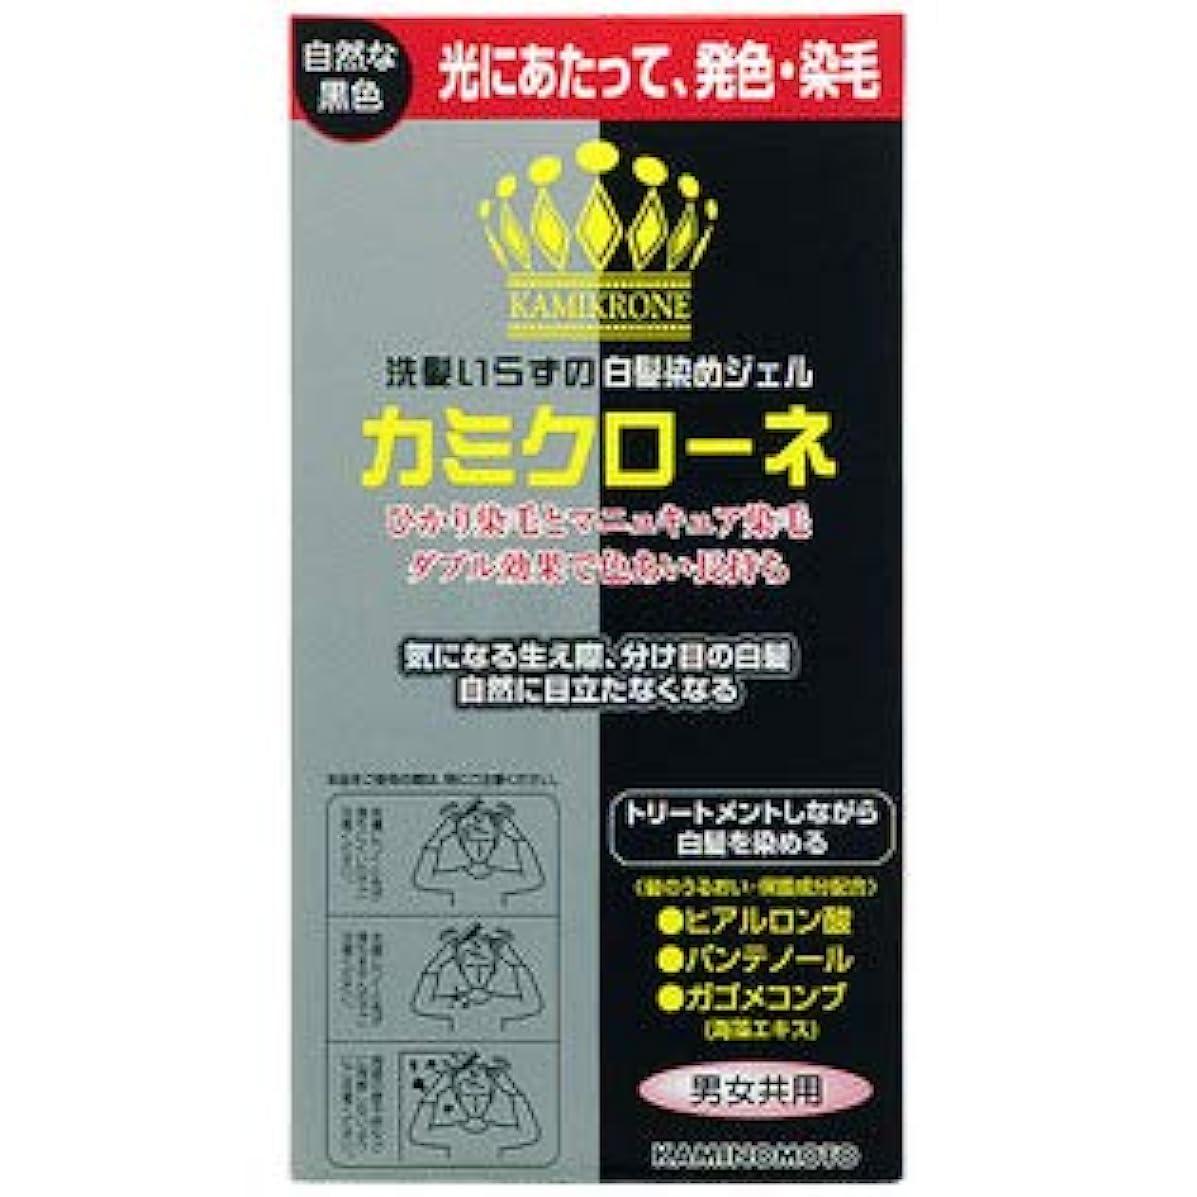 勢いトースト矩形【3個】 加美乃素 カミクローネ 自然な黒色 80mlx3個 (4987046820013)